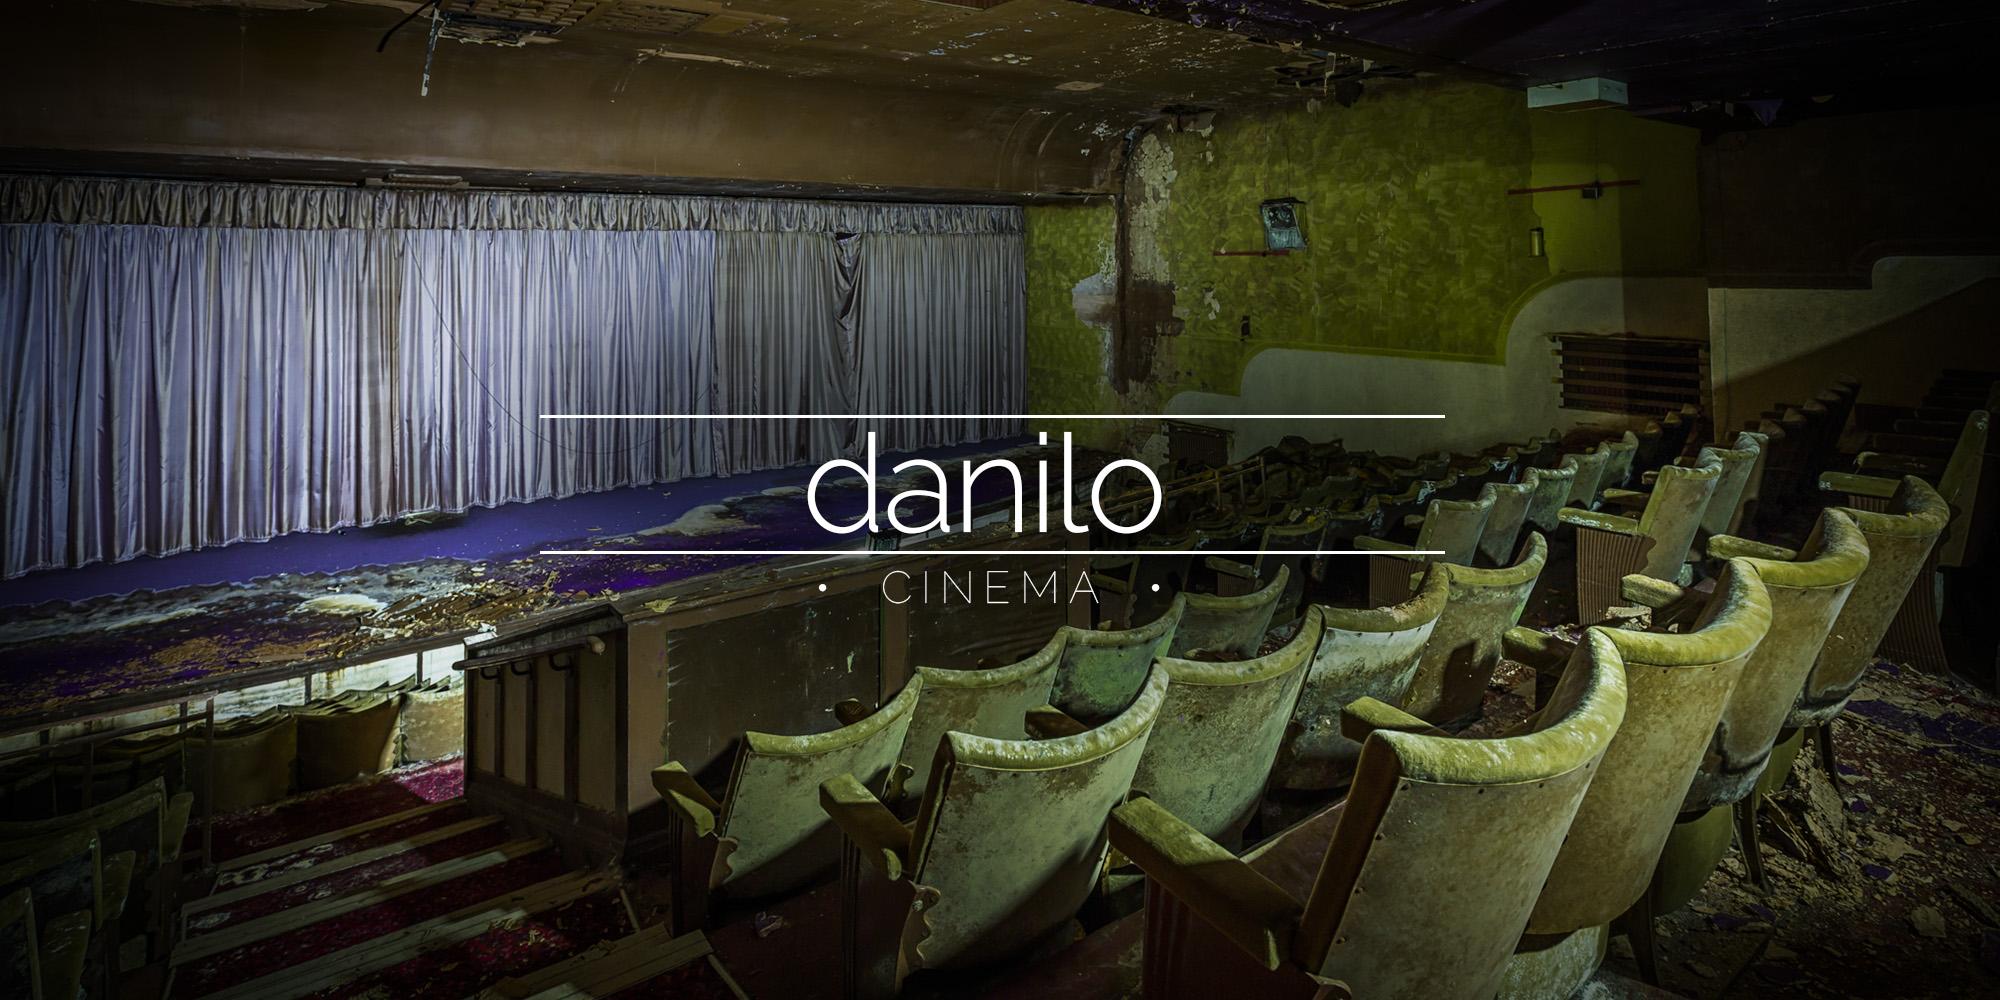 Danilo / Cannon Cinema, Hinckley